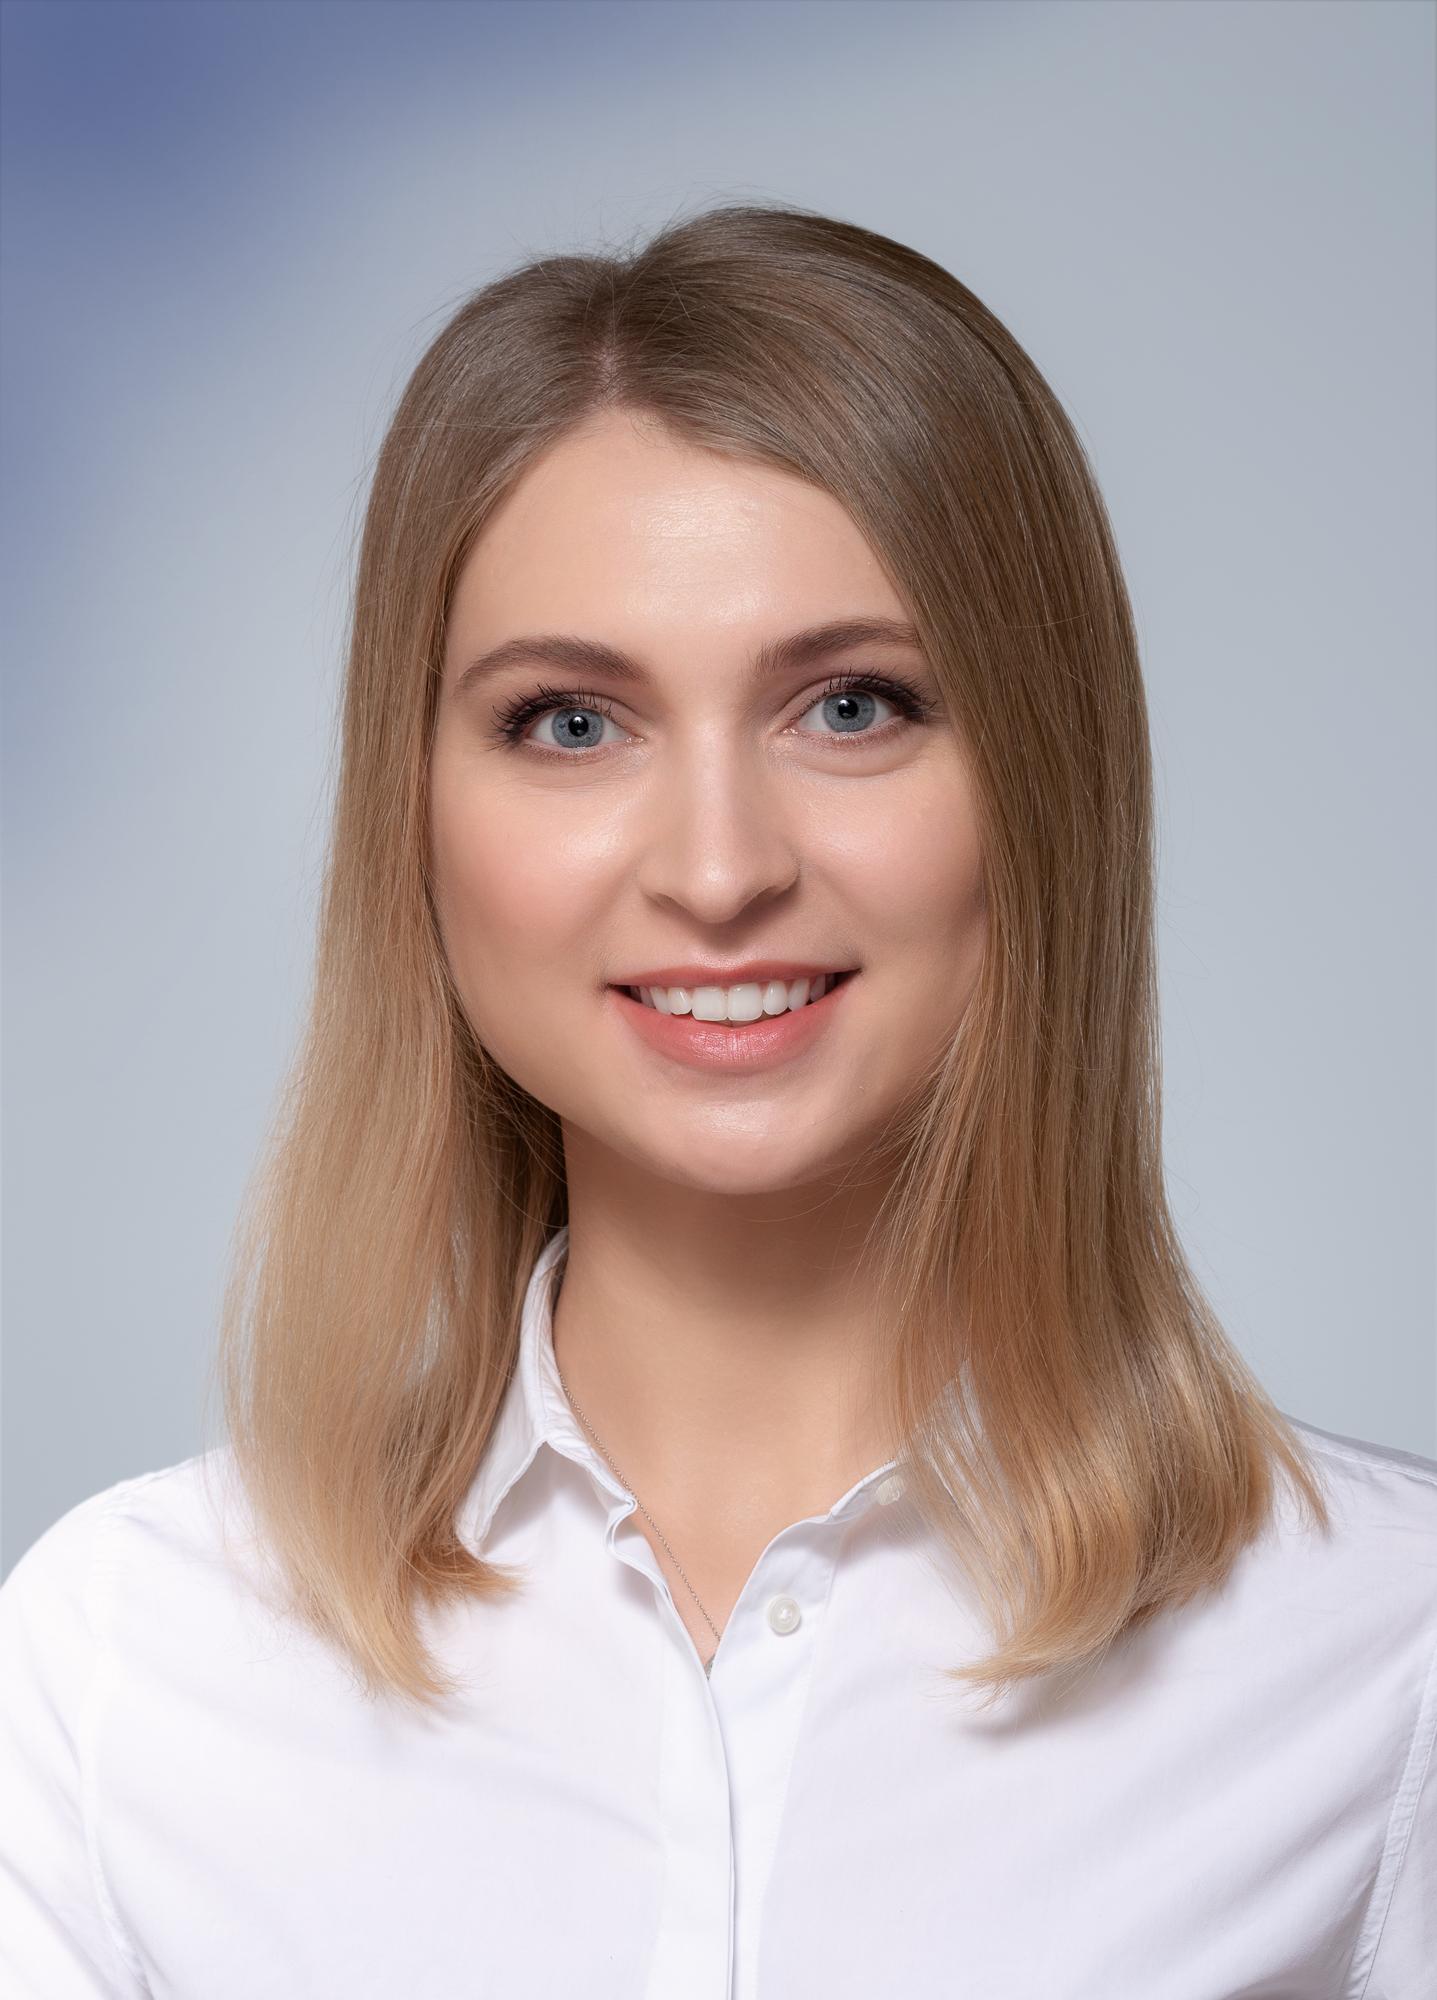 Ksenia Timofeeva